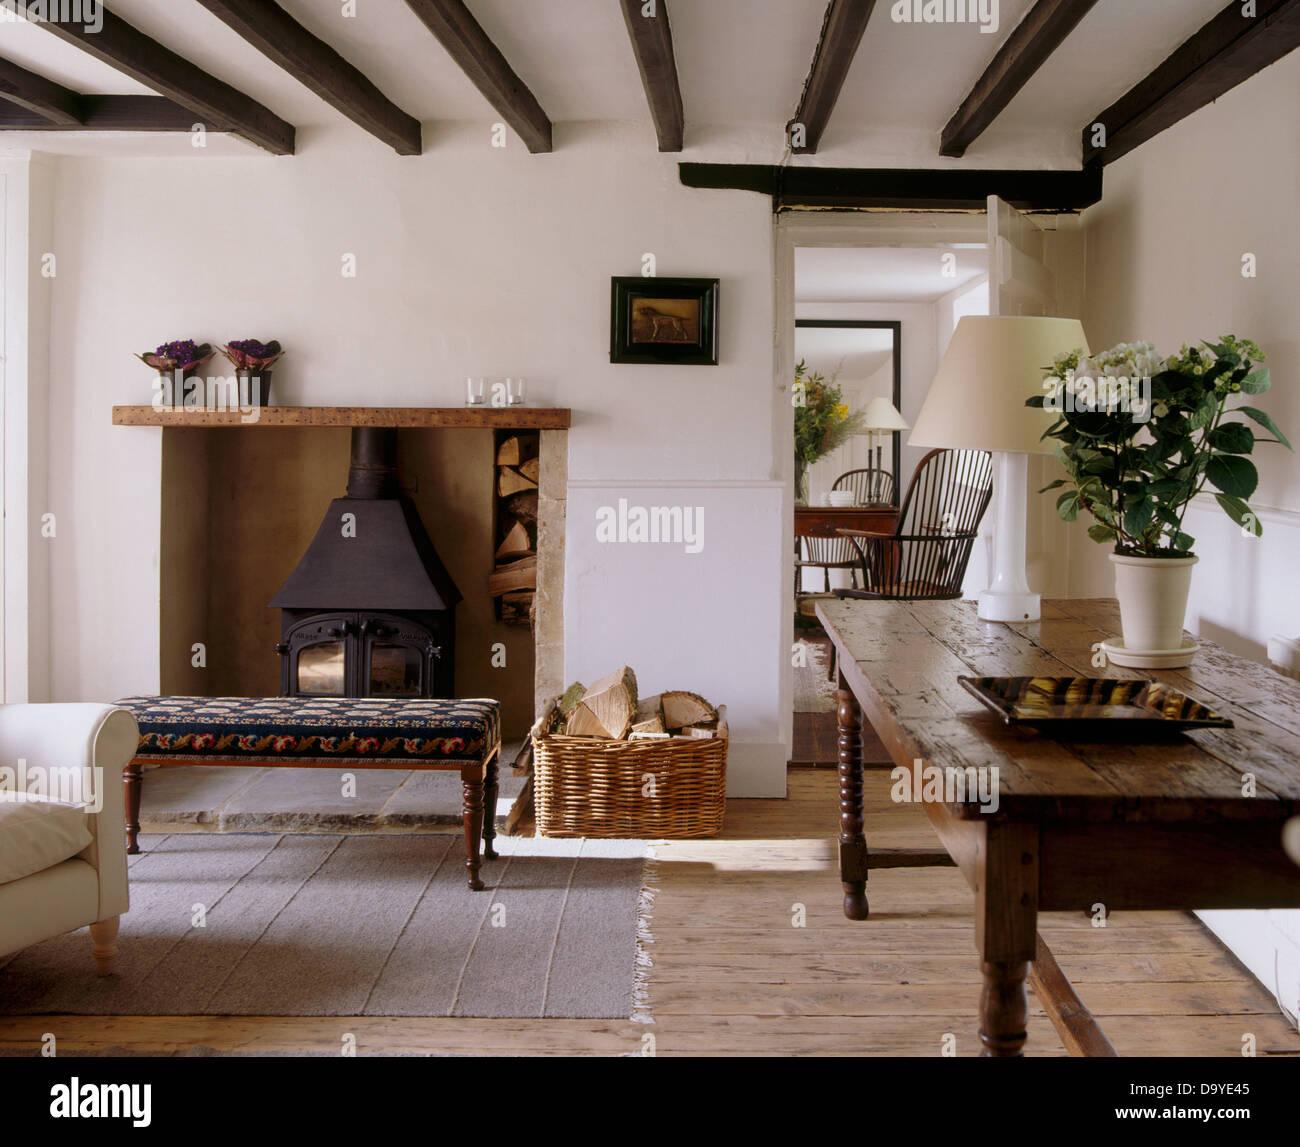 ancienne table en ch ne et parquet dans la maison blanche salon avec meubles tabouret devant de. Black Bedroom Furniture Sets. Home Design Ideas